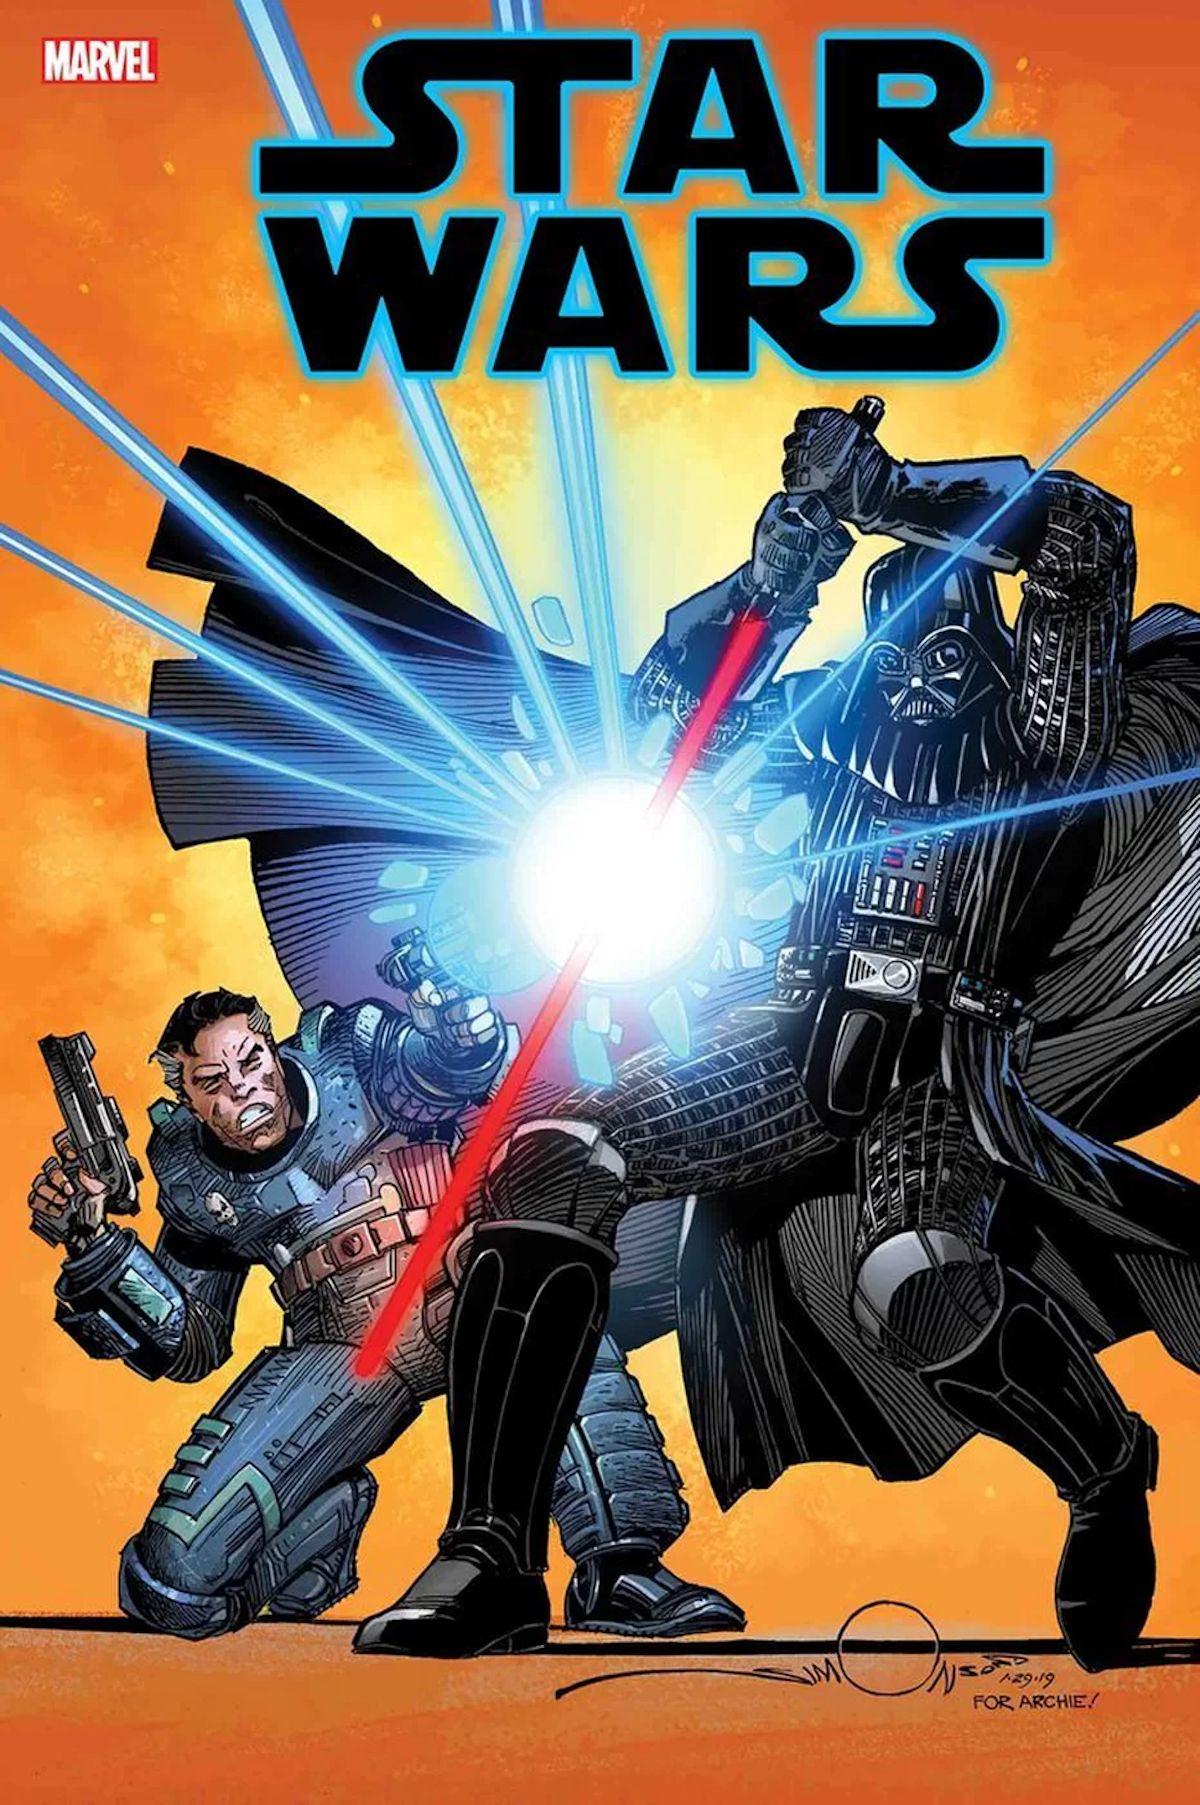 Star Wars #108 (One-Shot)